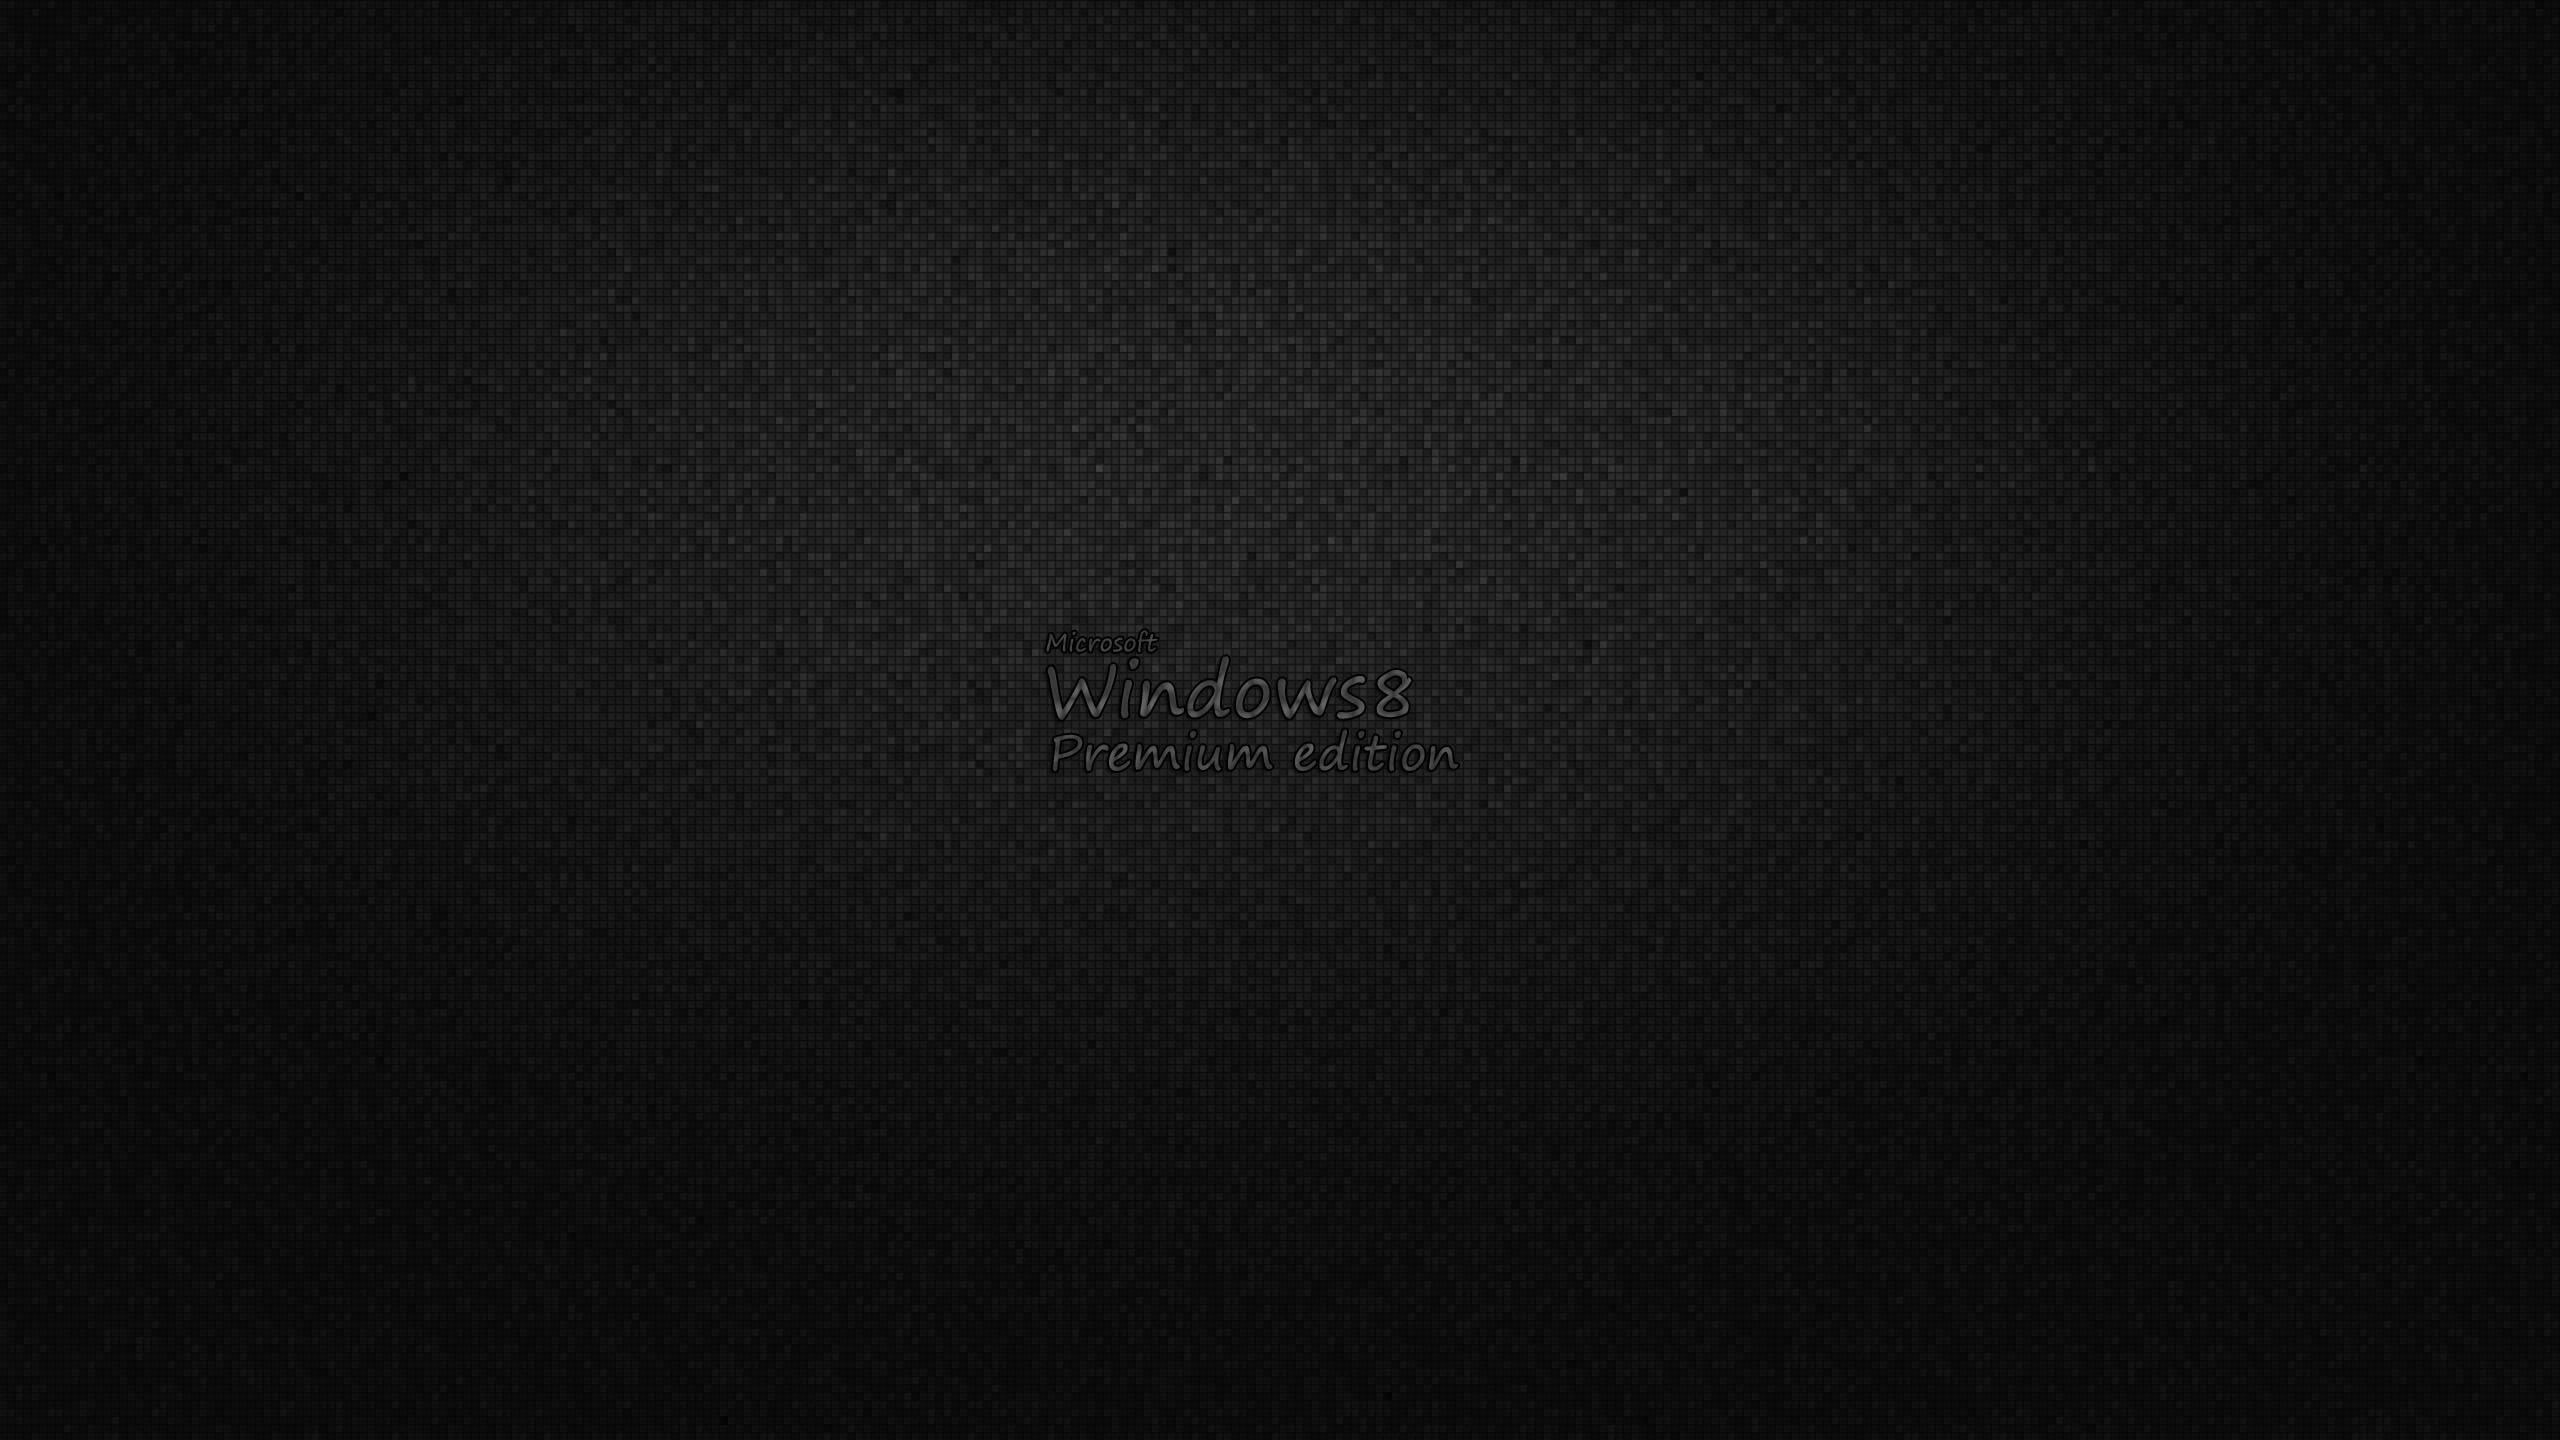 windows8 2560x1440.jpg